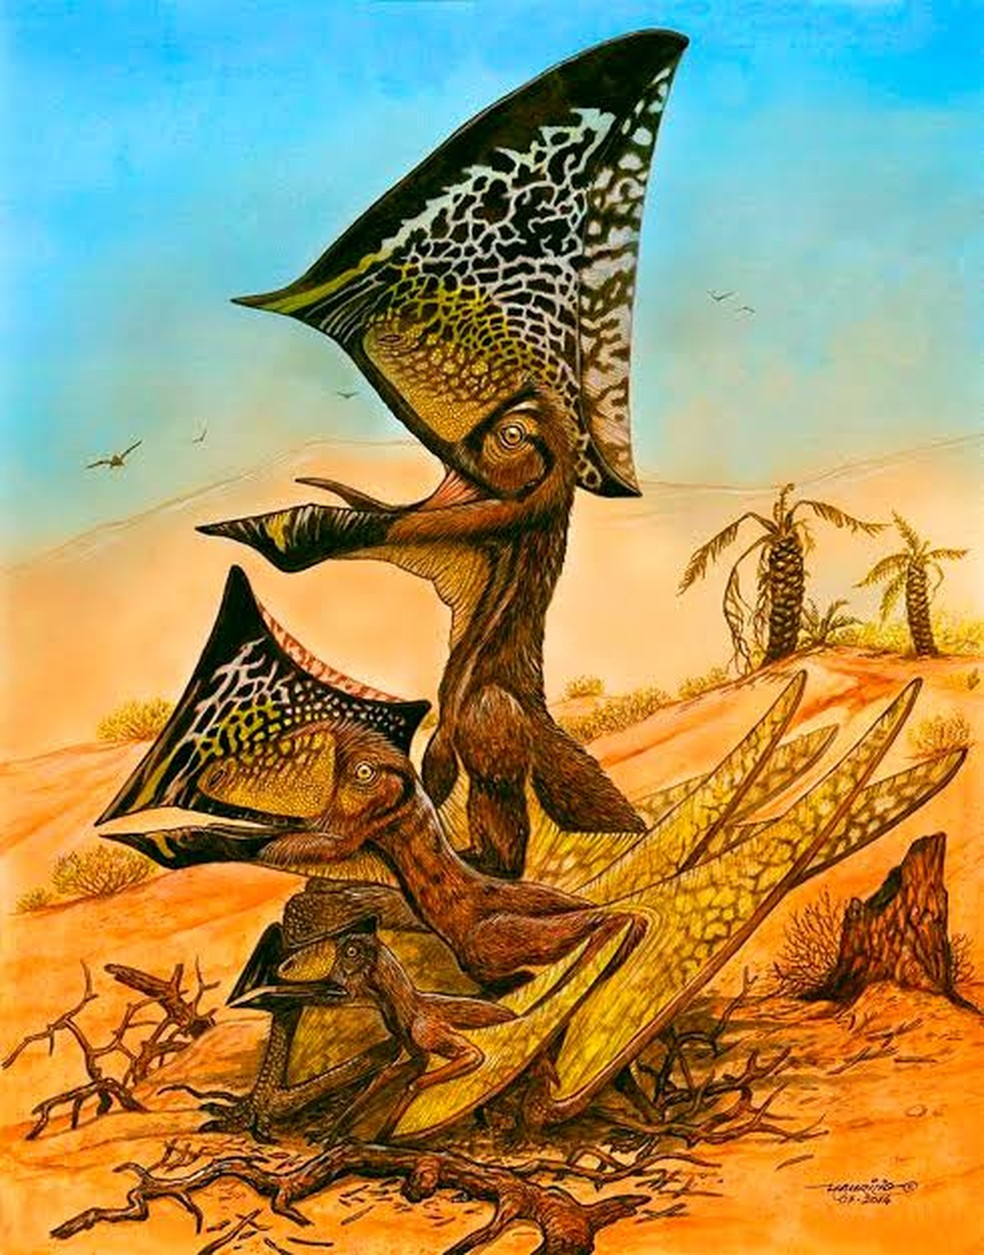 Caiuajara dobruskii viveu há cerca de 80 milhões de anos, no período Cenomaniano. — Foto: Maurilio Oliveira/Museu Nacional-UFRJ